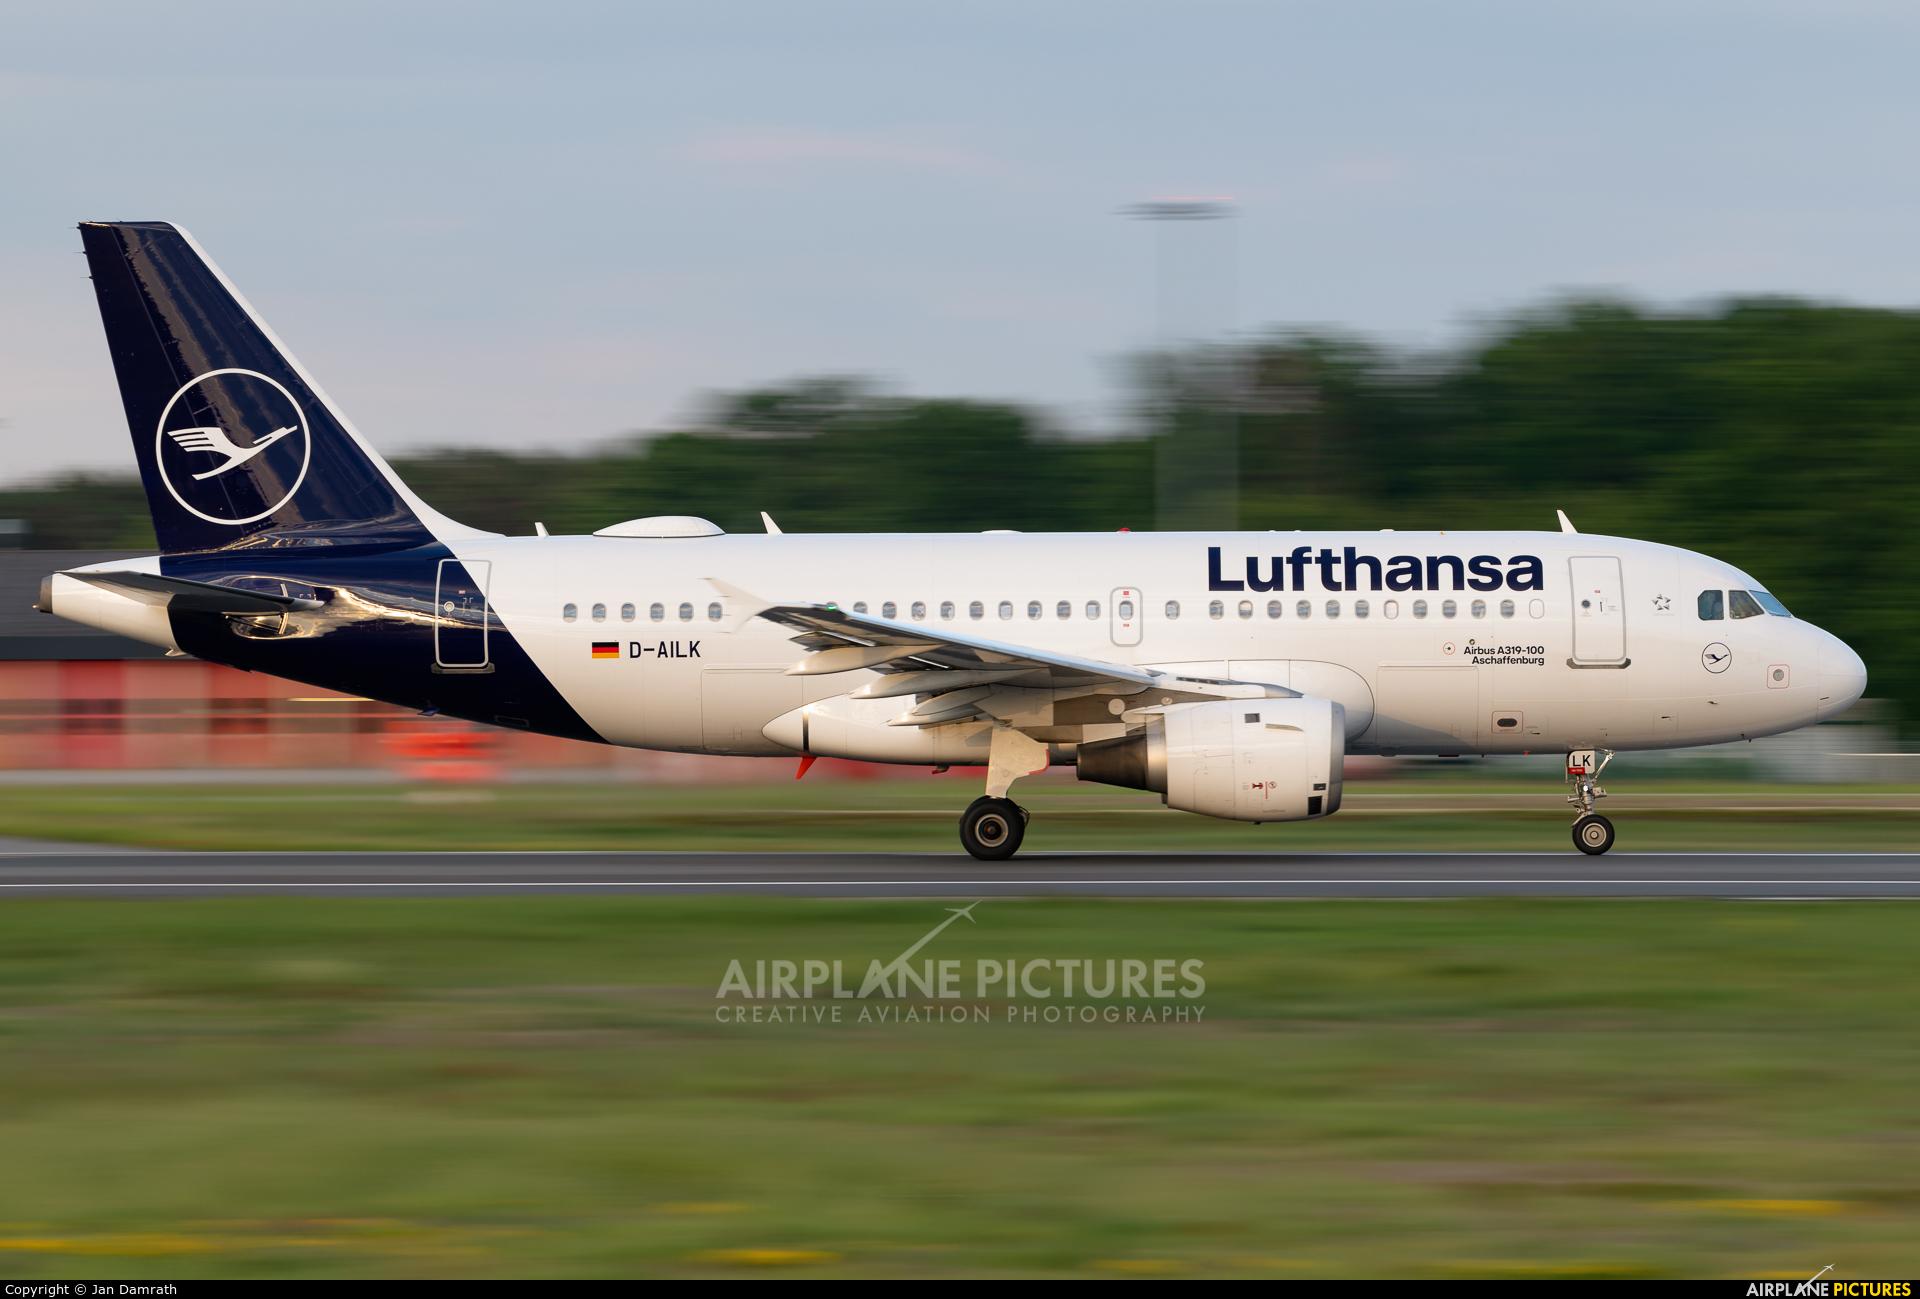 Lufthansa D-AILK aircraft at Frankfurt